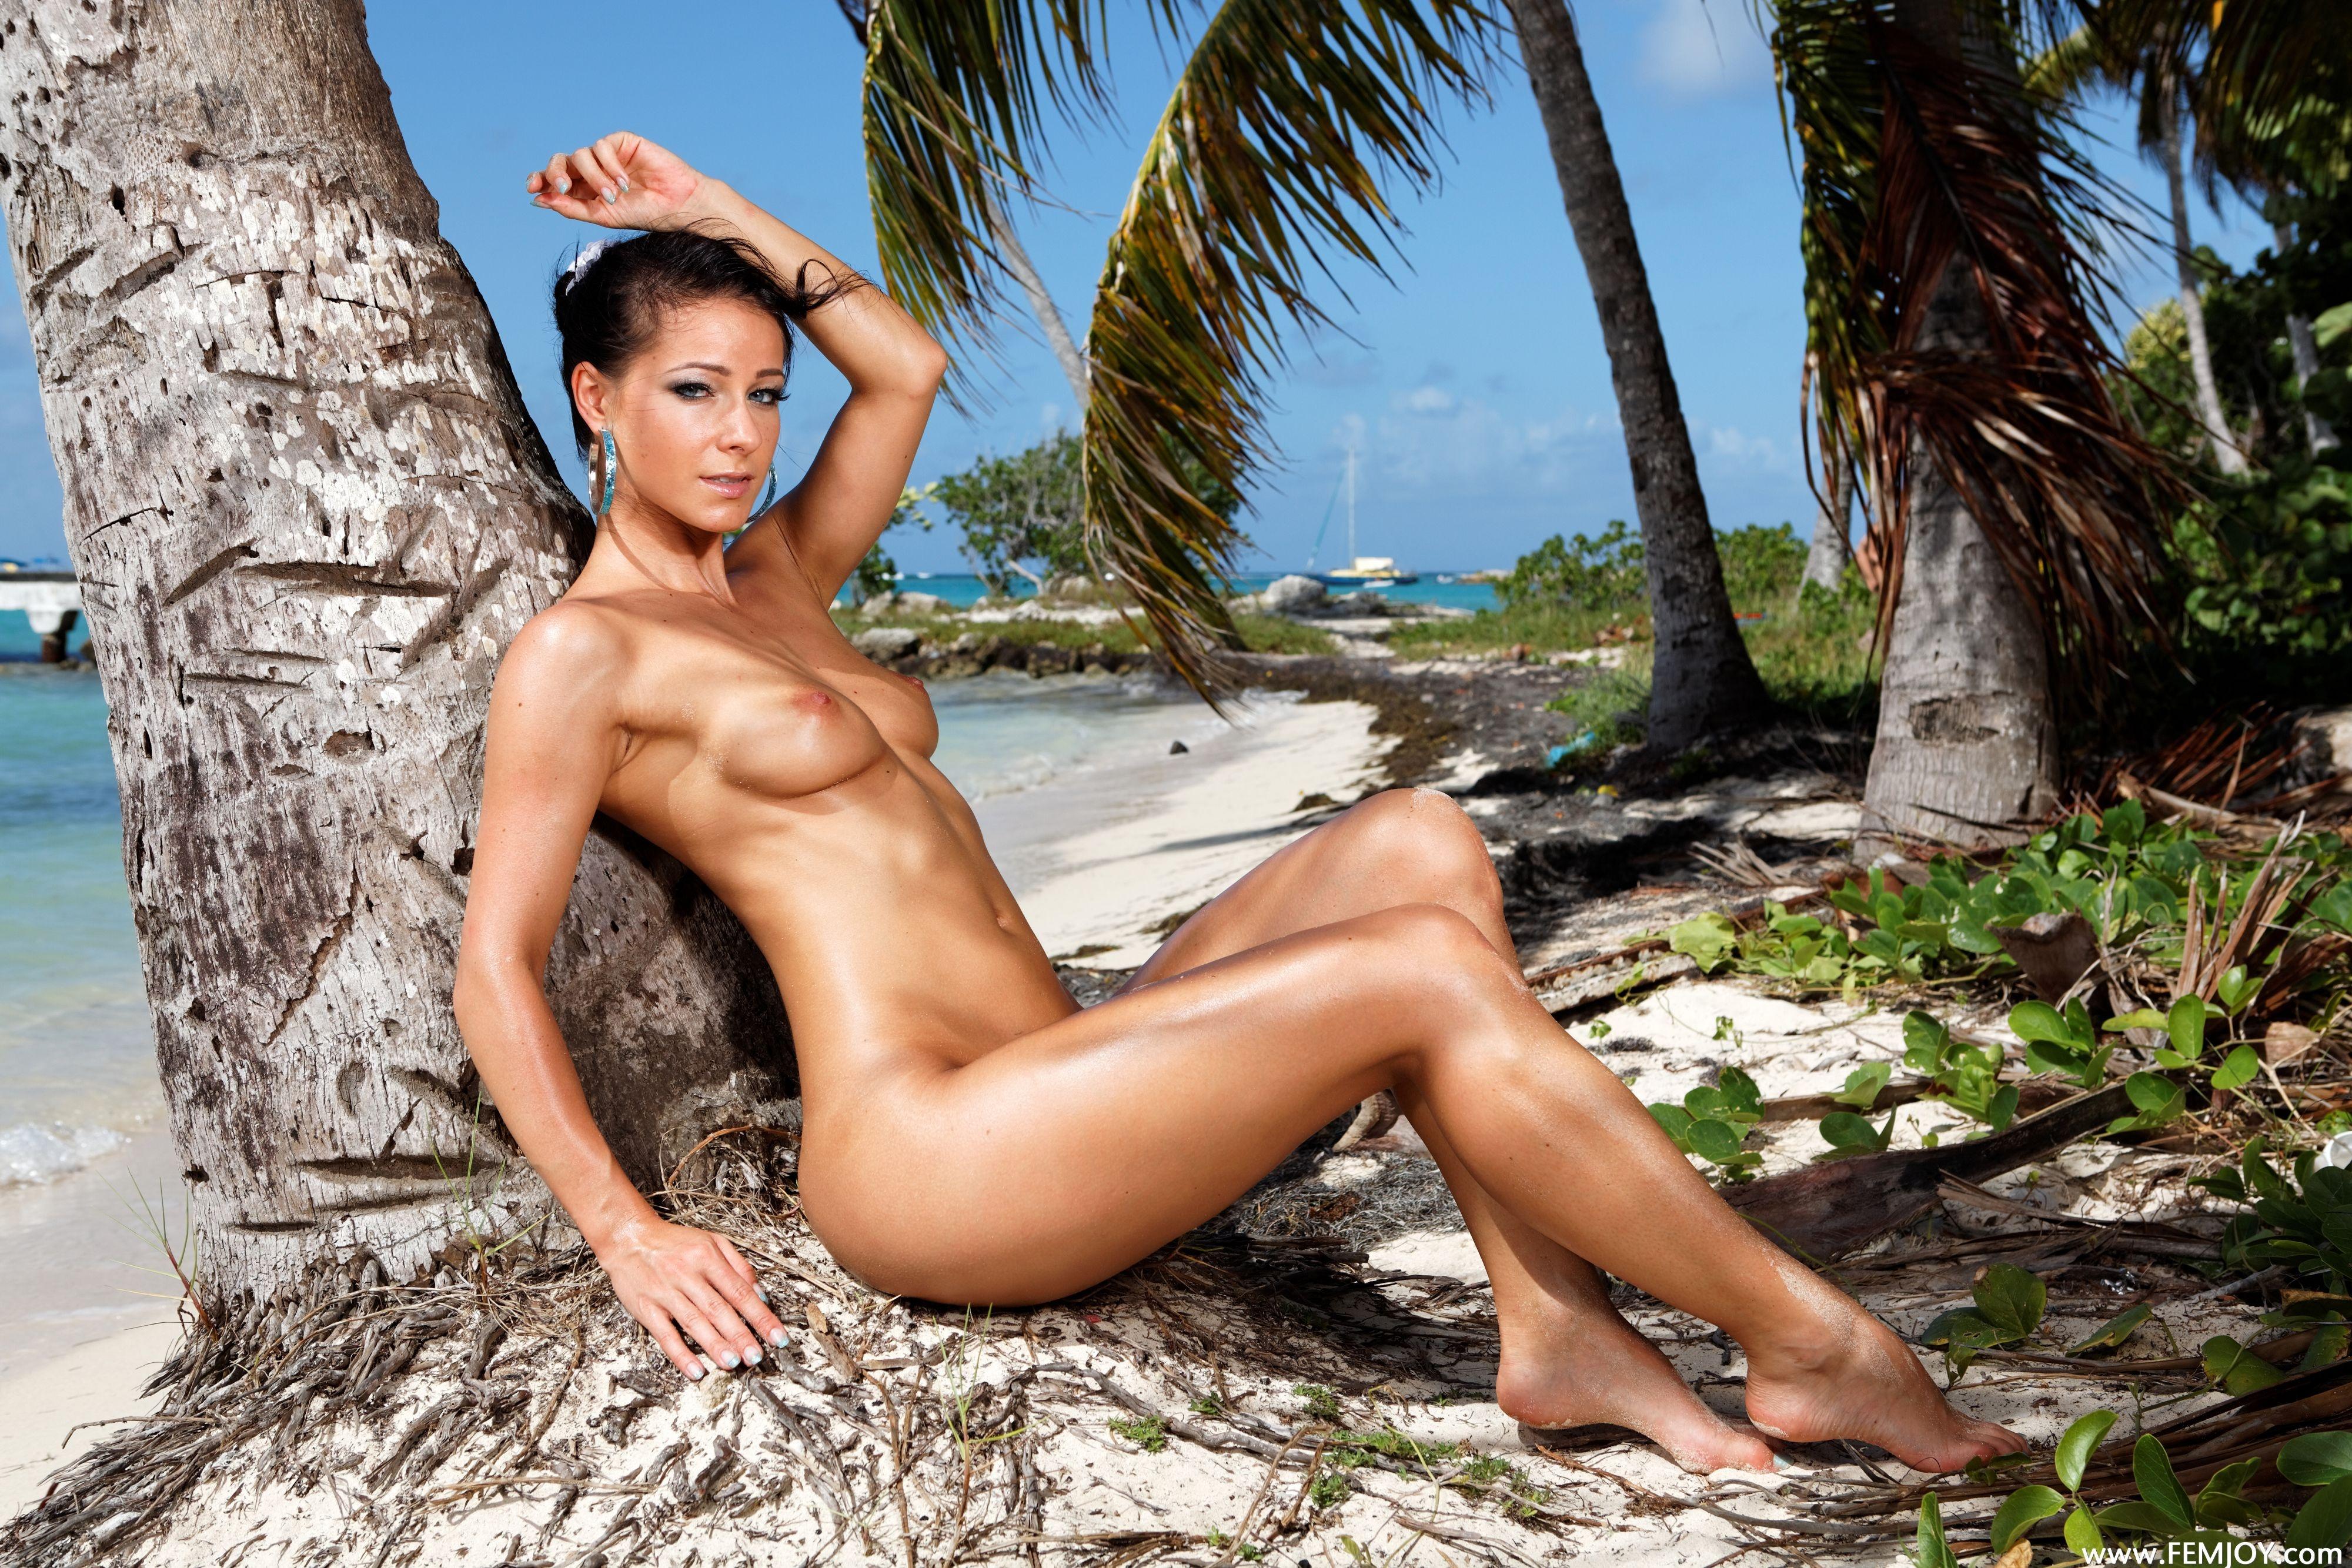 lexa naked brunette yoga Nude